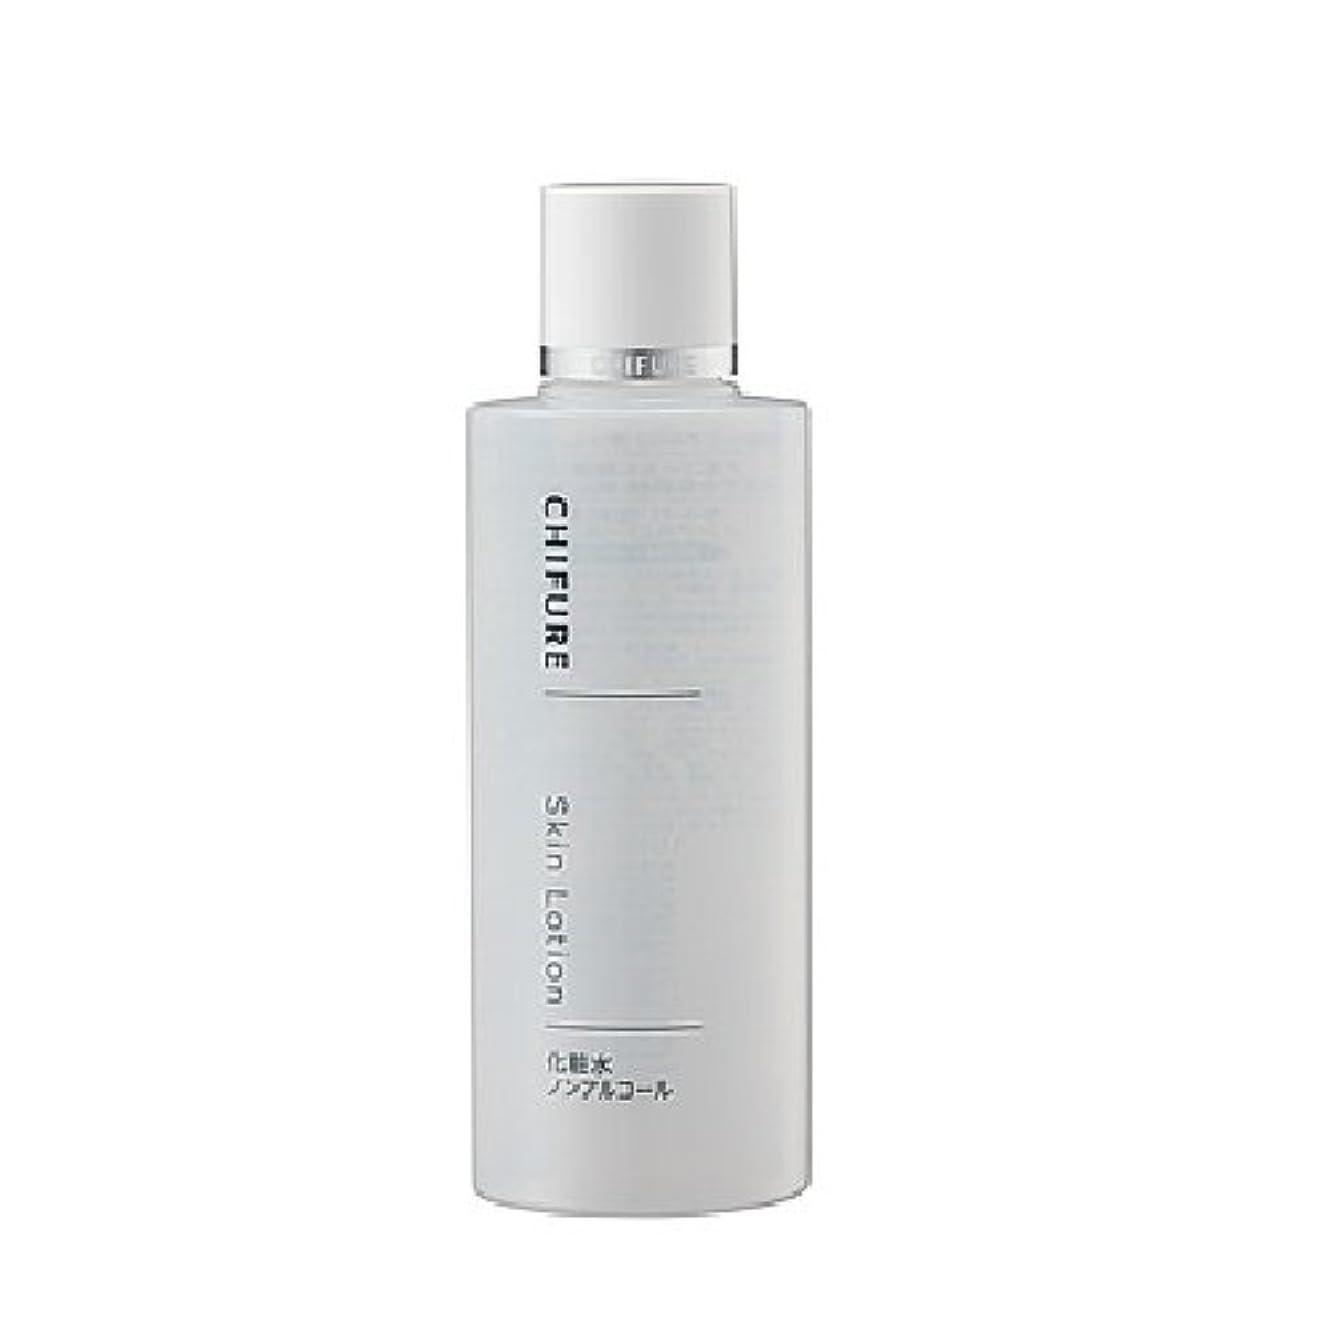 保証タッチ好意的ちふれ化粧品 化粧水 ノンアルコールタイプ 180ML